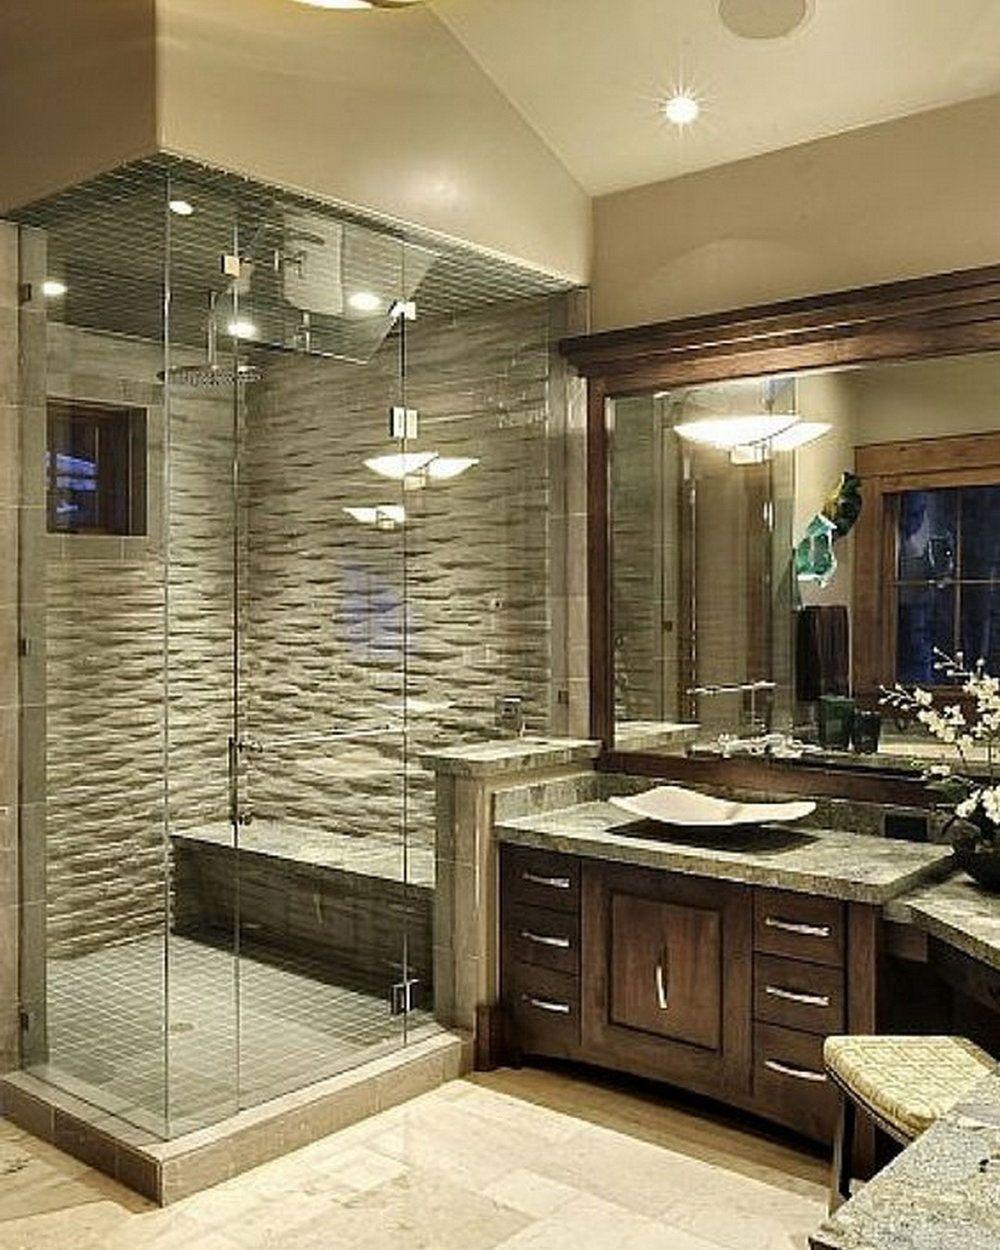 12 Luxurious Bathroom Design Ideas Bathroom Design Decor Bathroom Design Color Bathroom Design